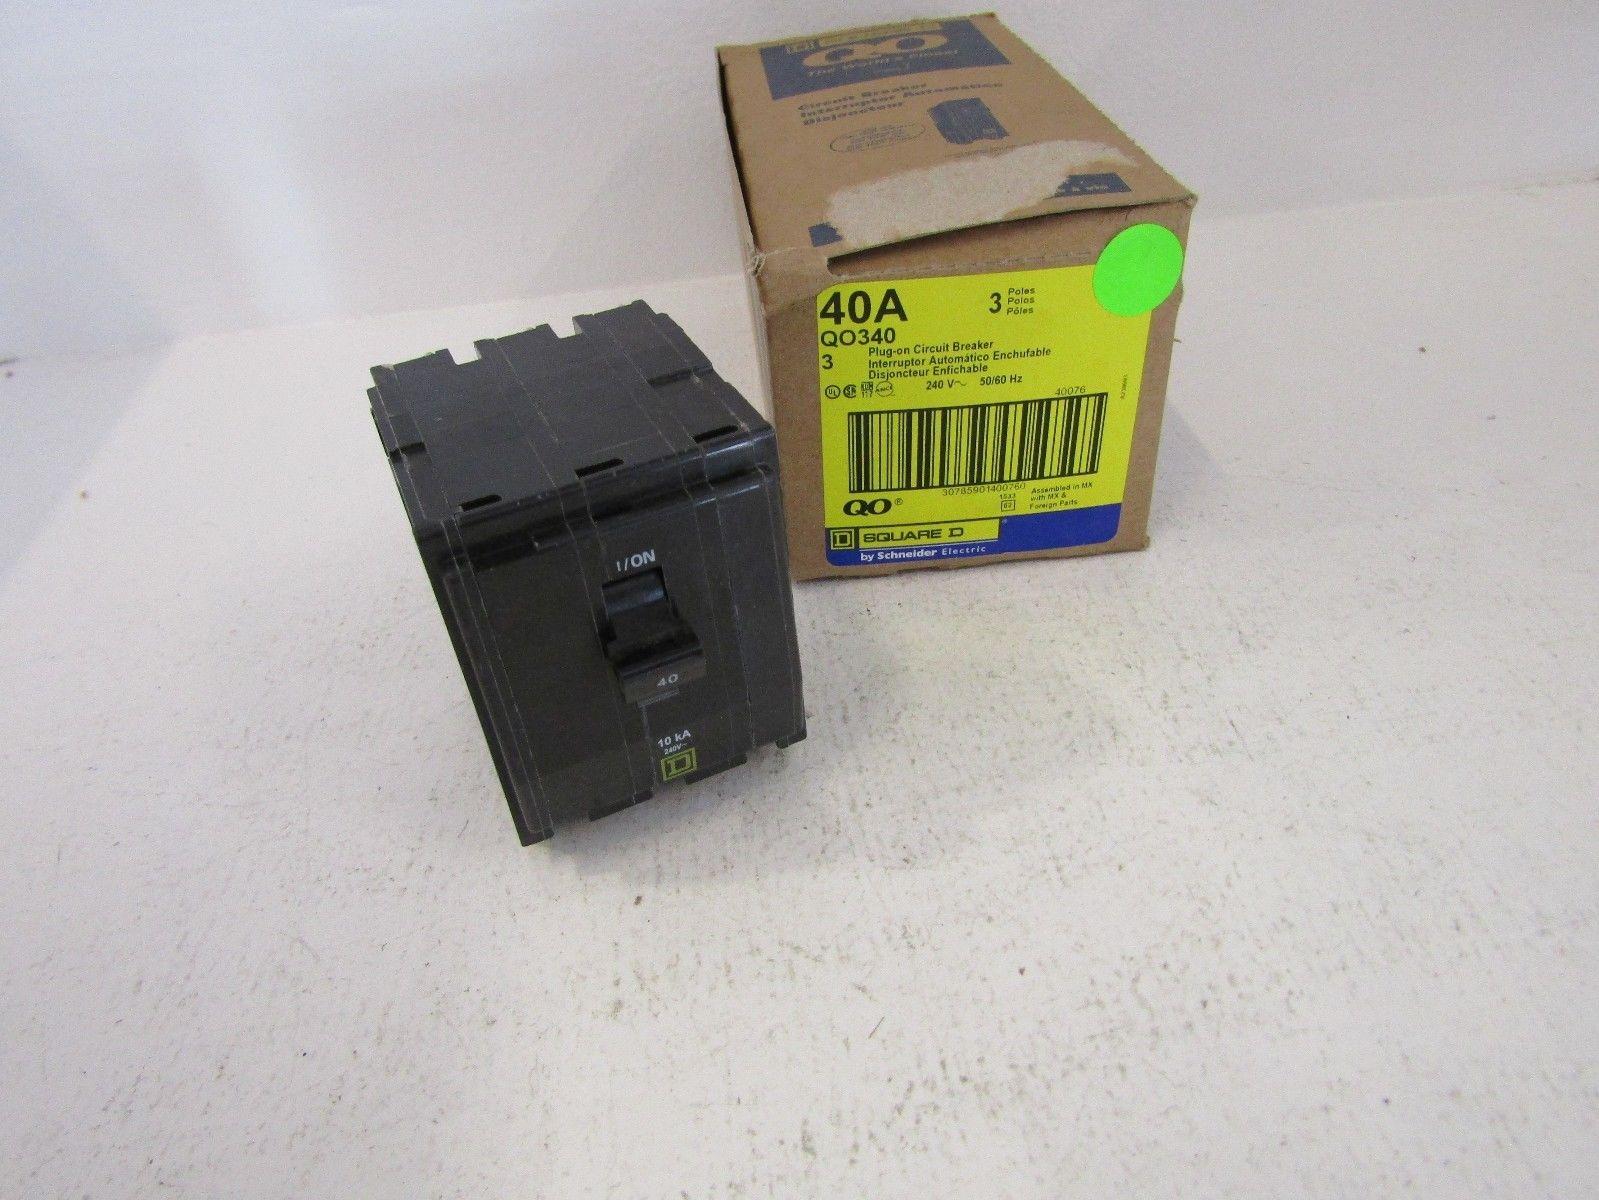 NEW SQUARE D QO QO340 3 POLE 40 AMP BREAKER 3P 40A 240V QO FITS NQ ...